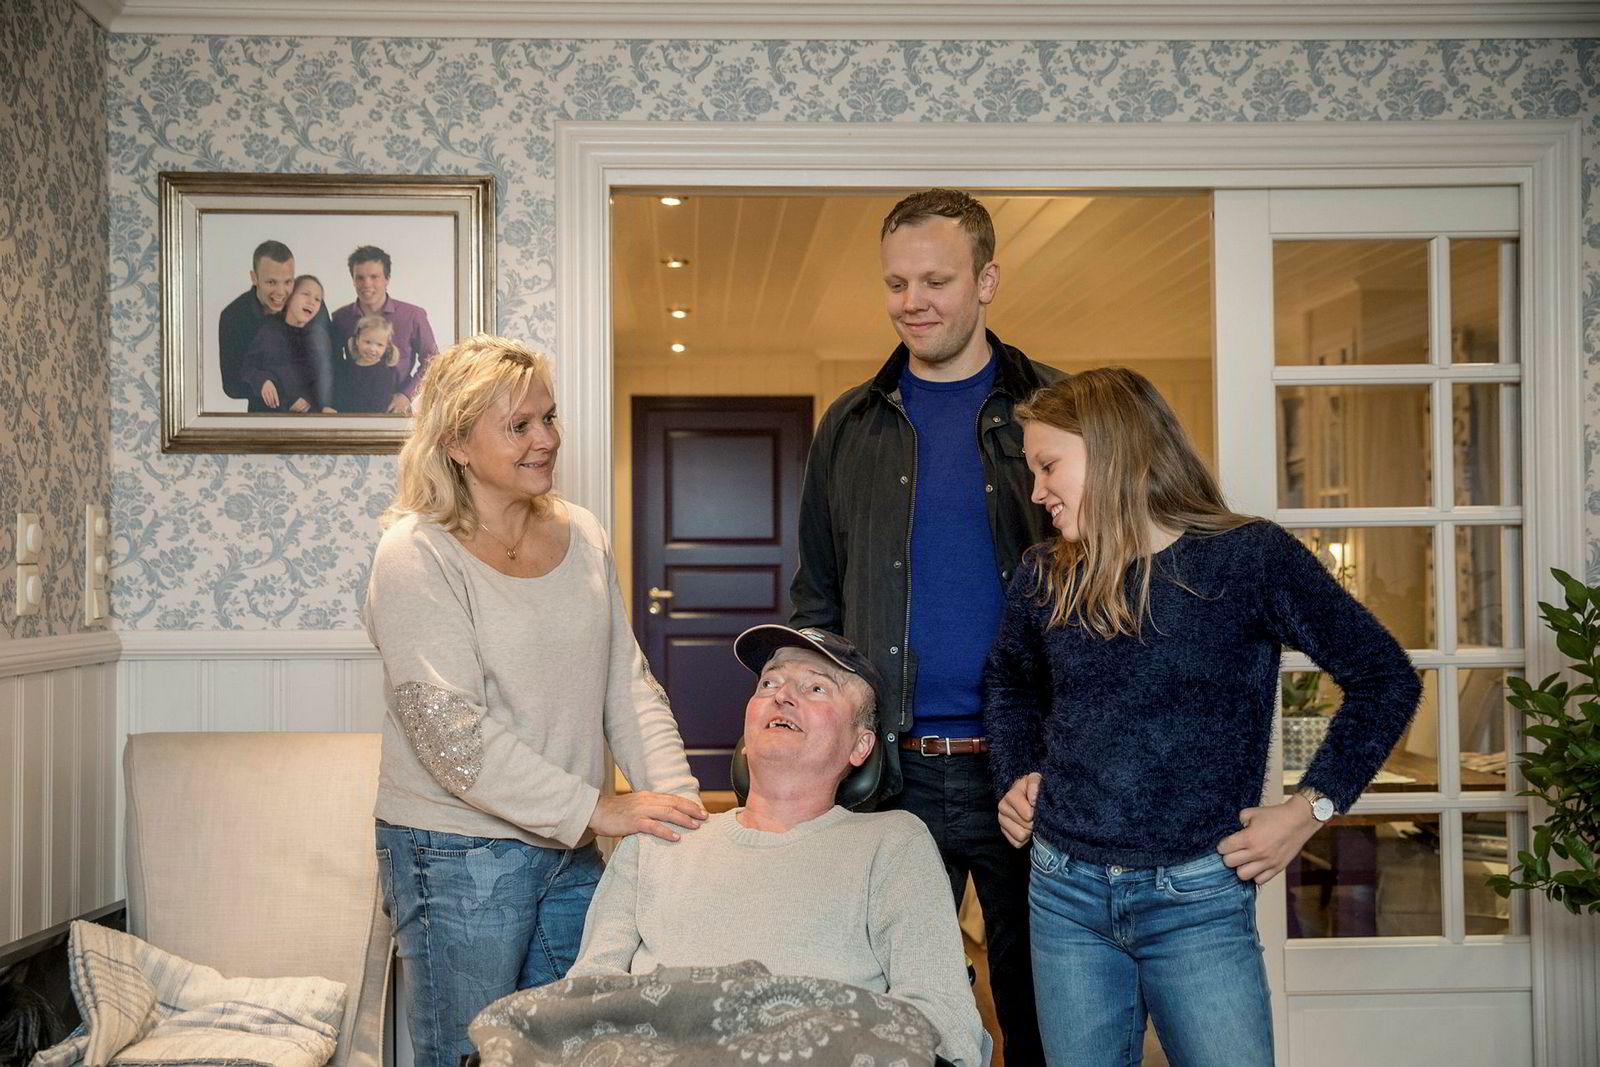 Nylig avdøde Knut Frode Eide bygget opp bedriften som hans far startet i det små. Da DN var innom i oktober, var han ennå hjemme, omkranset av sin kone Randi Herre Eide og to av de fire barna; Sondre og Bjørg Marit.